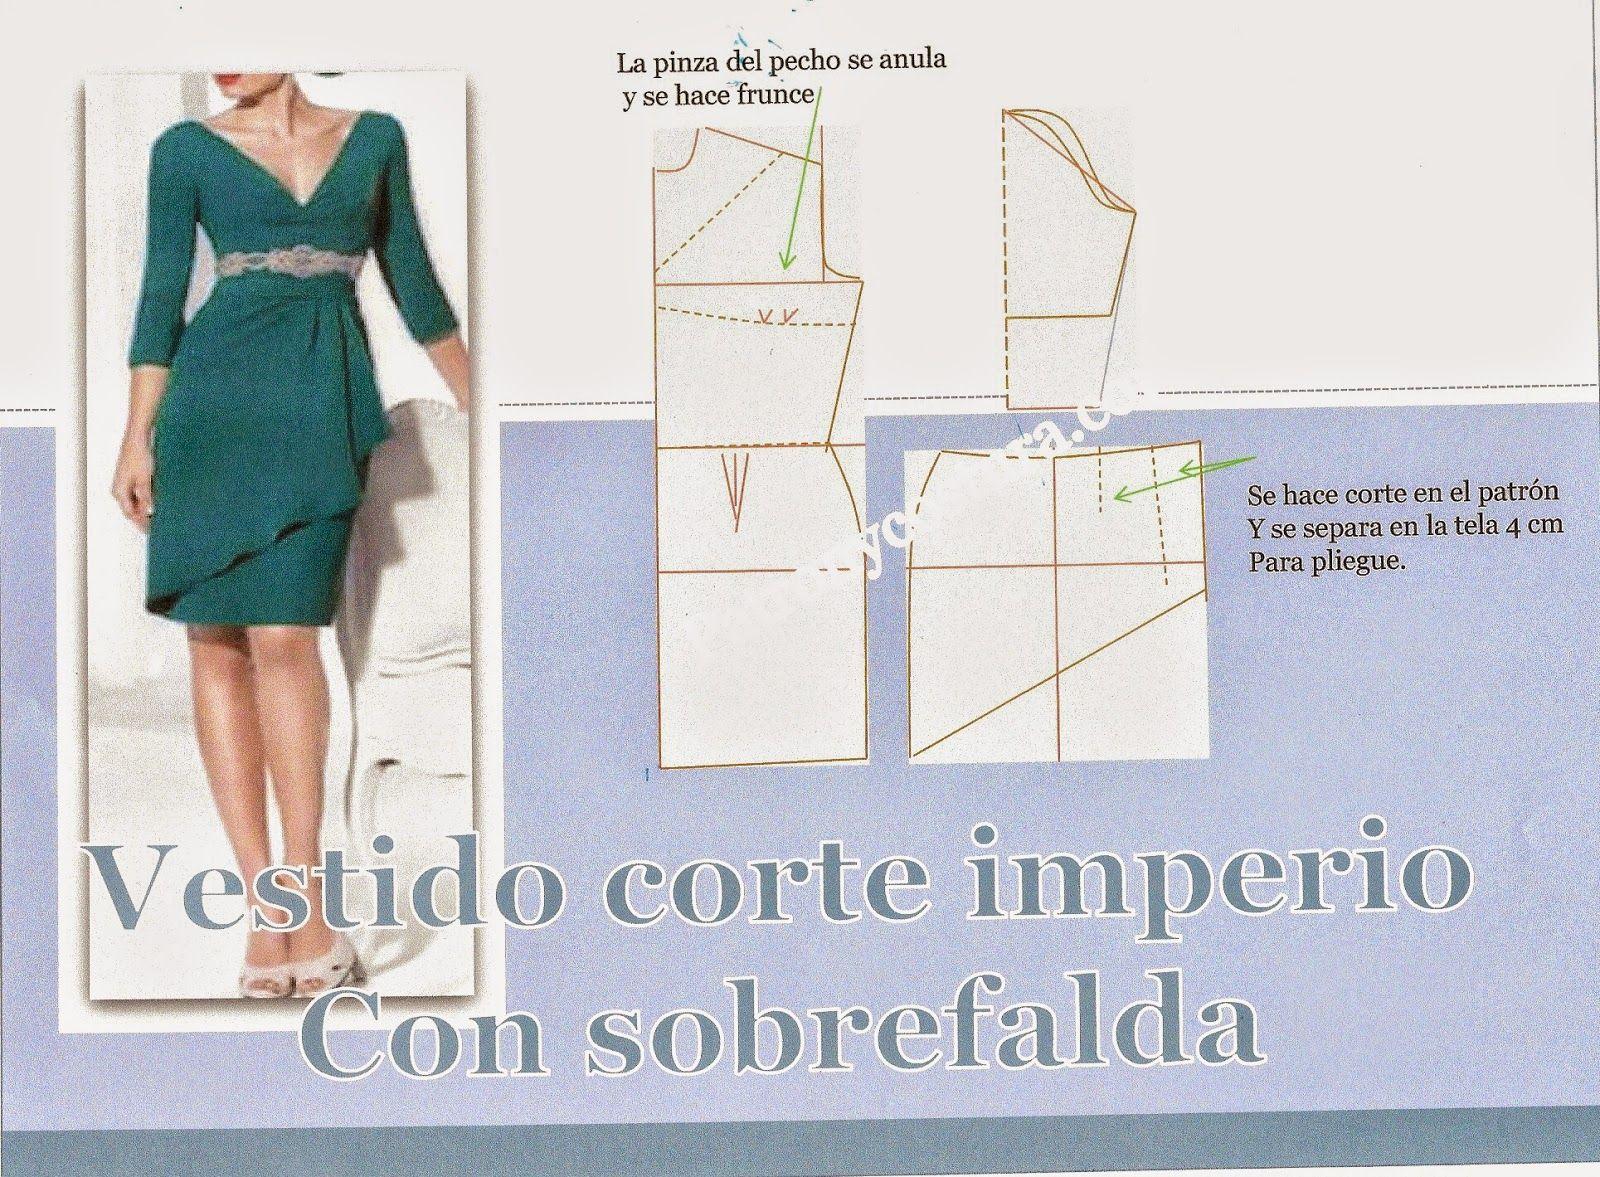 Patrón y costura : Corte imperio y sobrefalda en el vestido-tema 91 ...